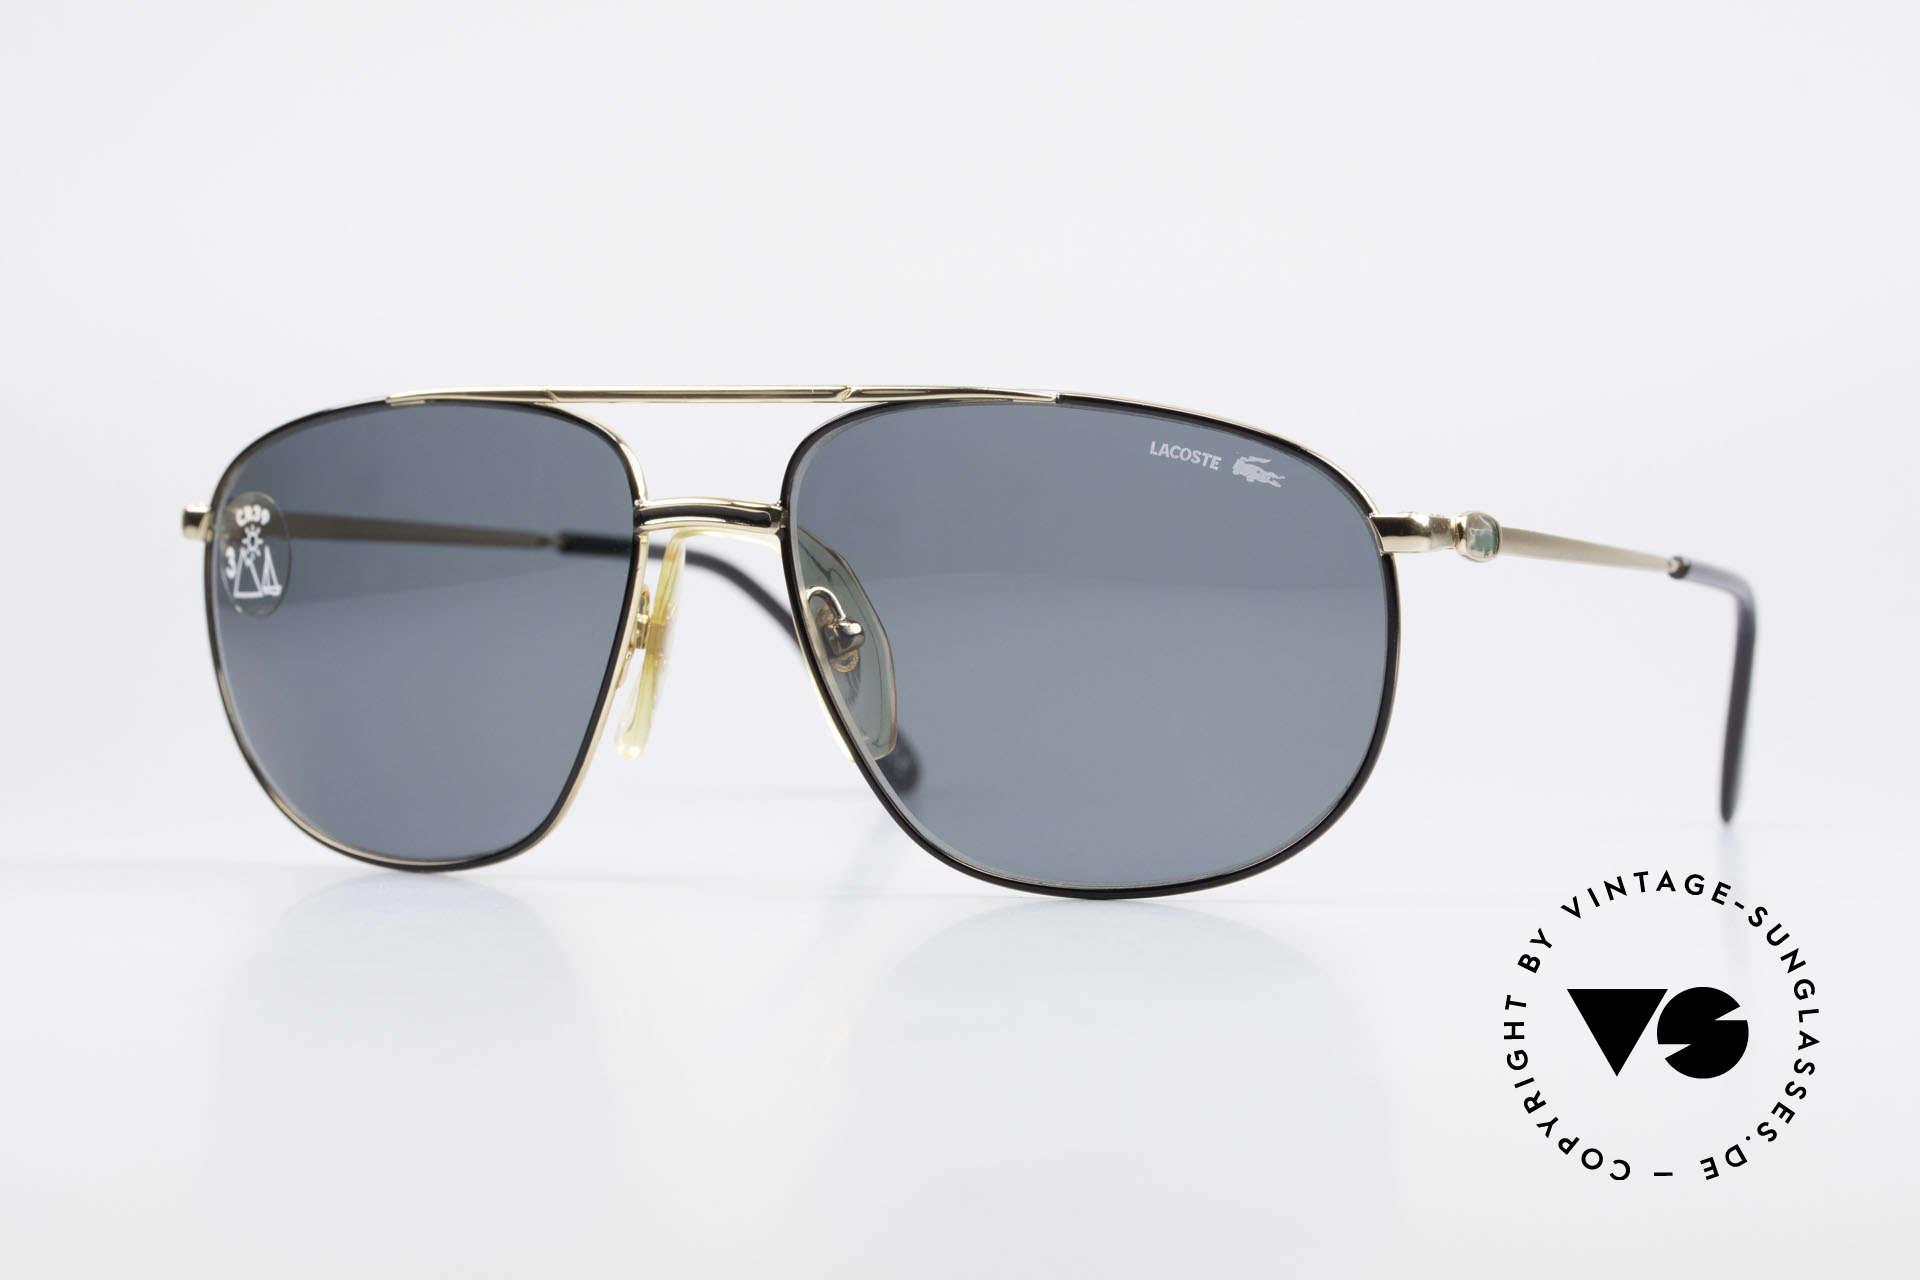 Lacoste 121 XL Sport Sonnenbrille Herren, hochwertige Lacoste XL vintage Sonnenbrille, Passend für Herren